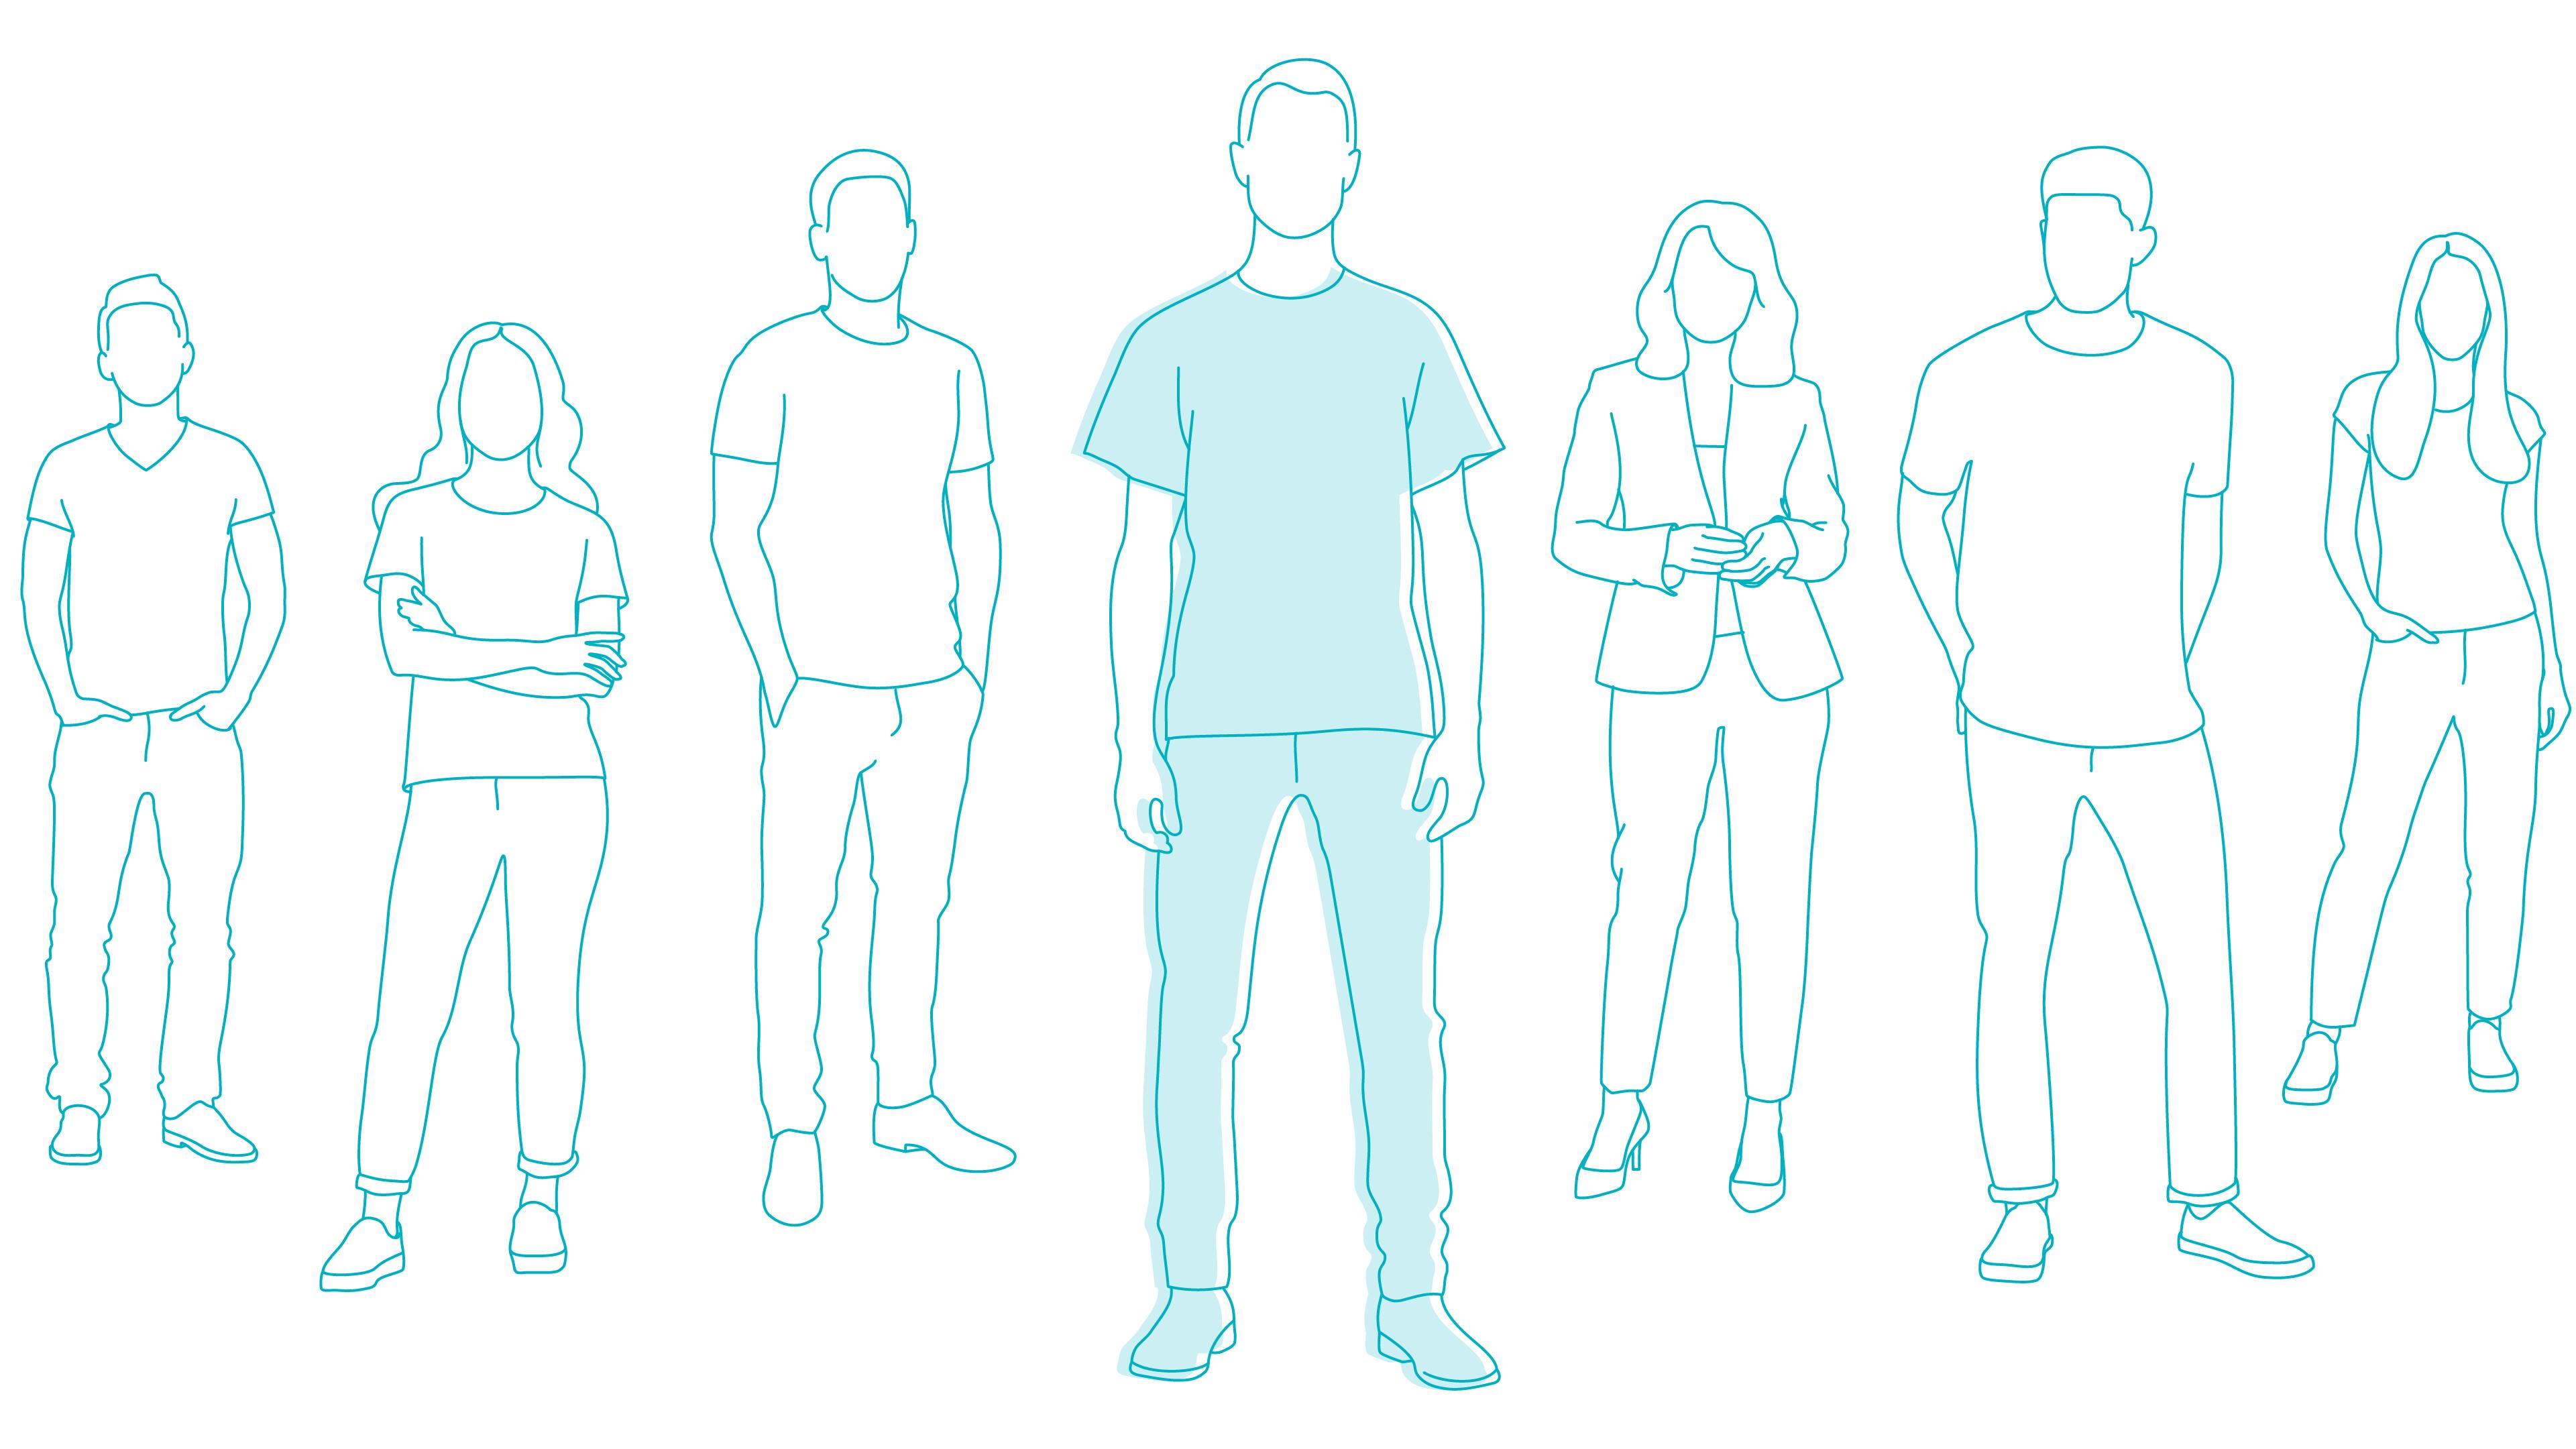 group of people stigma